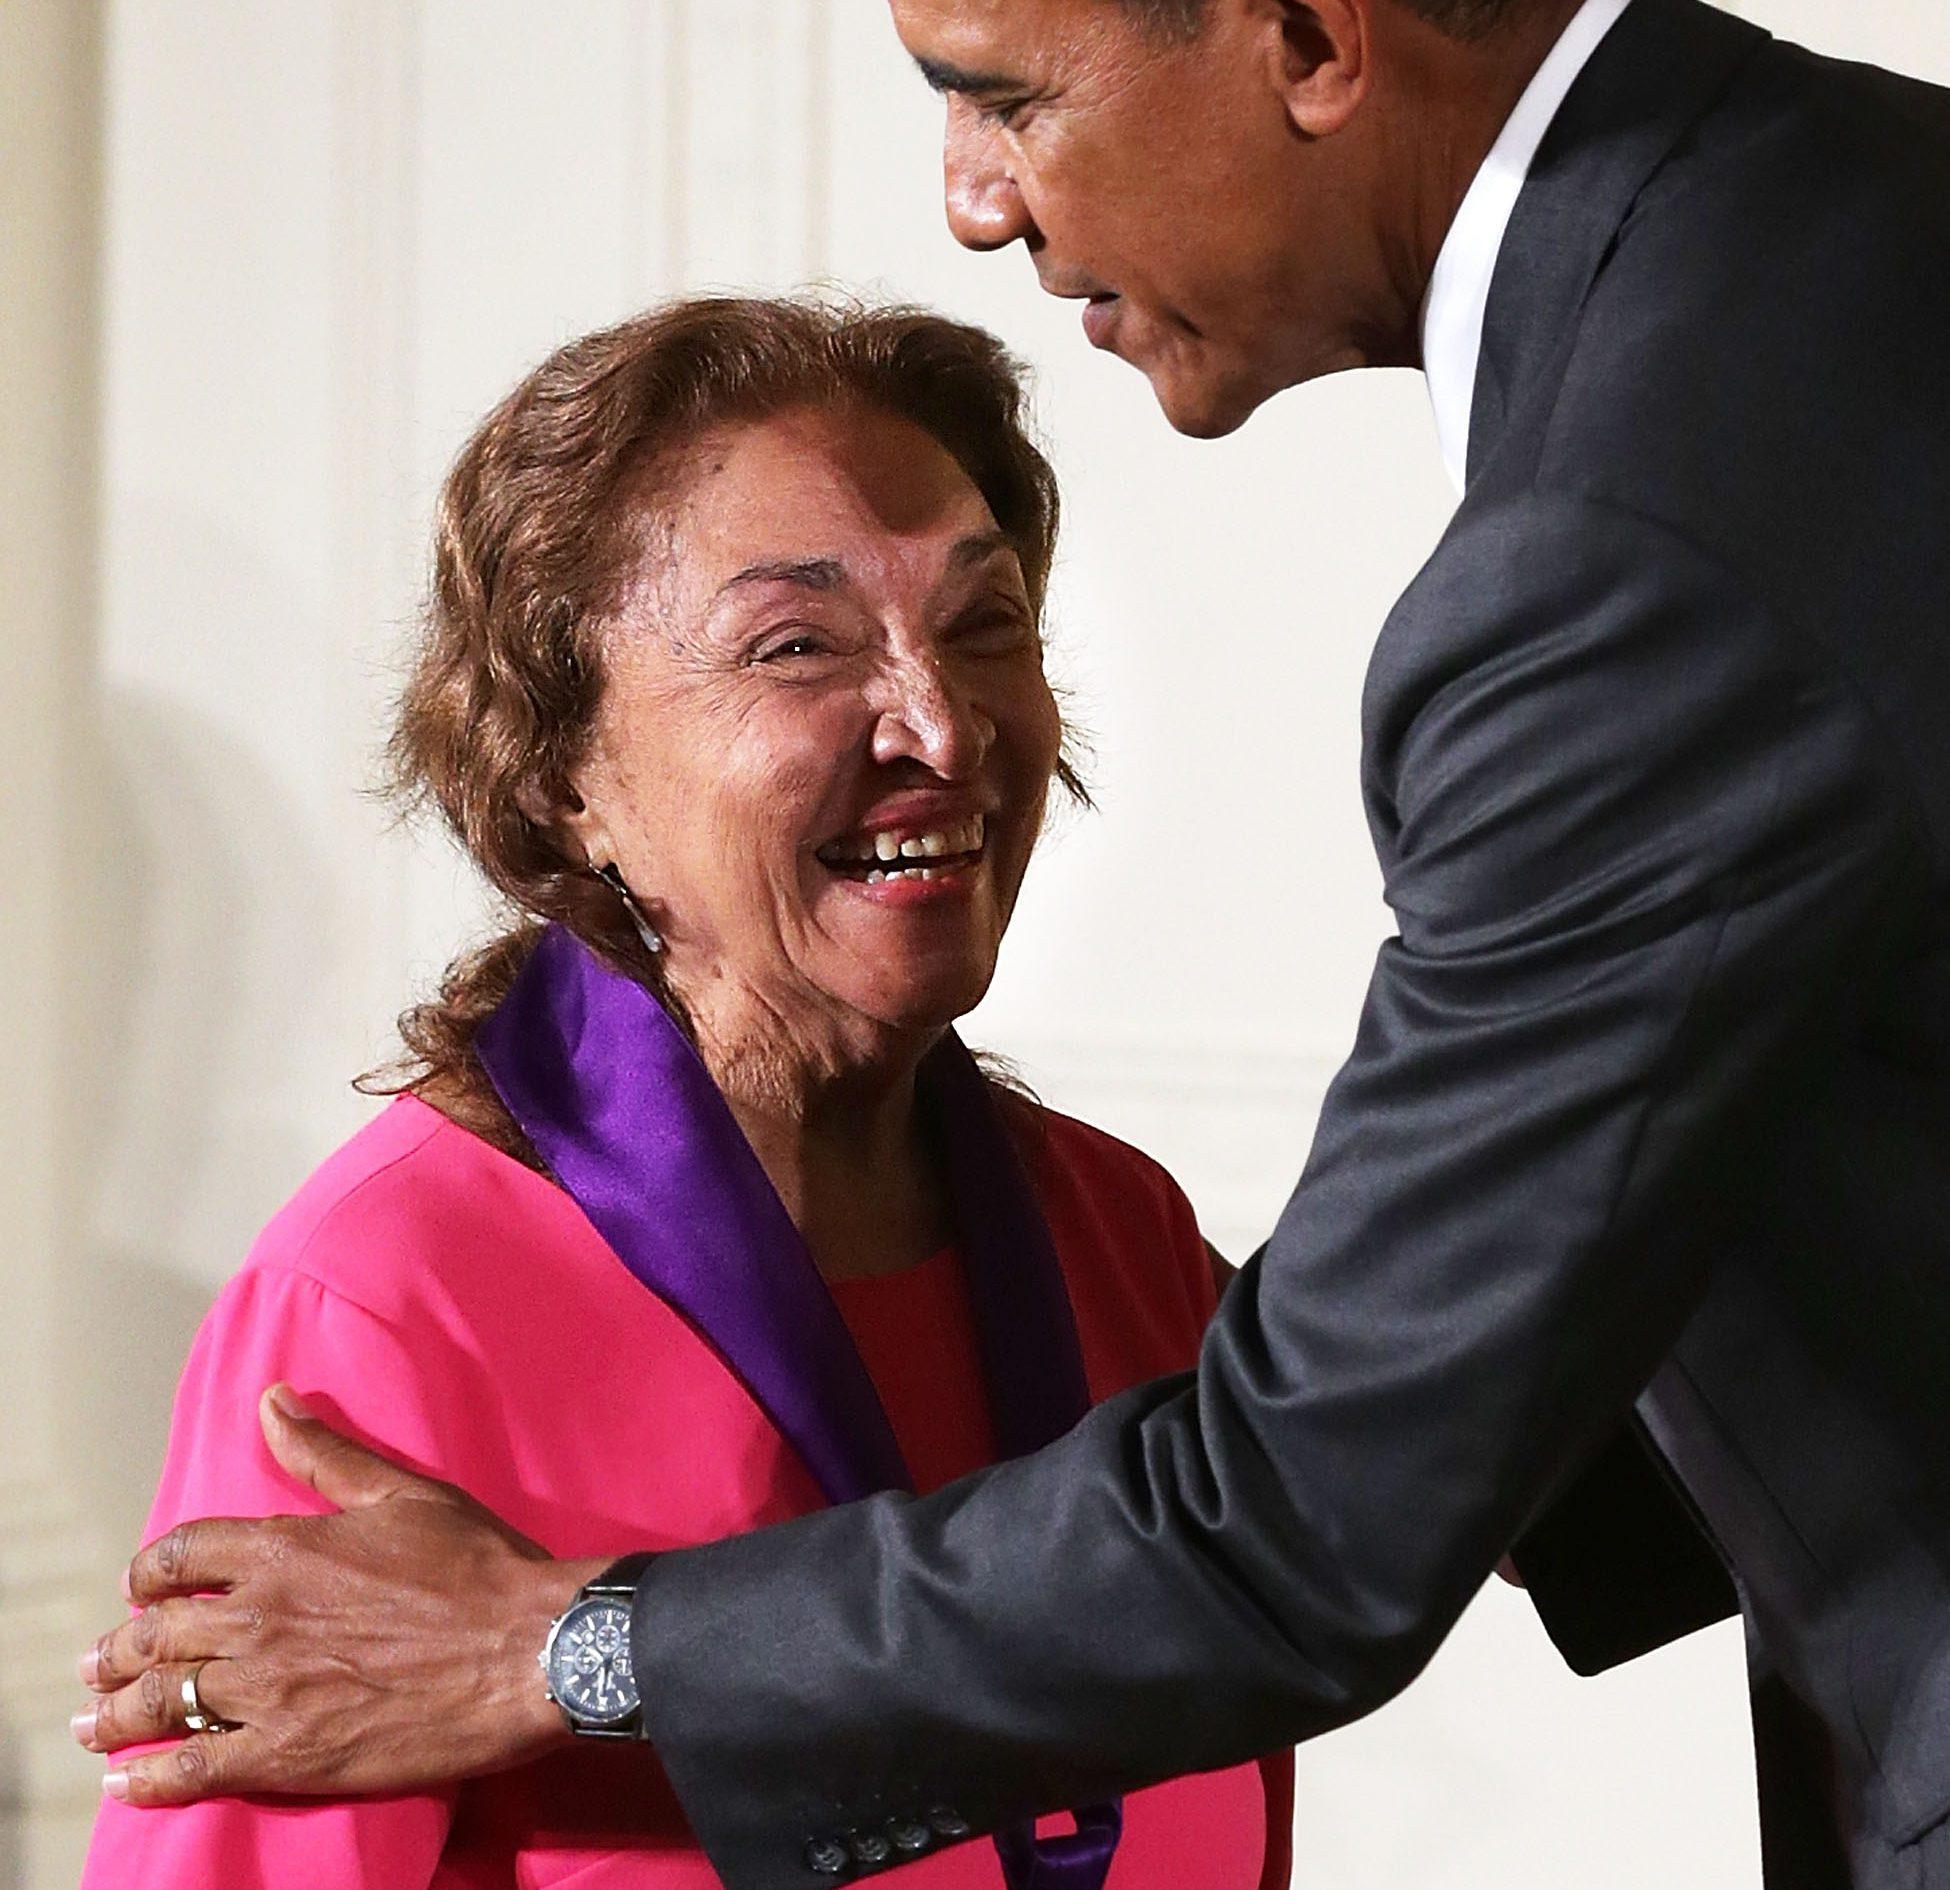 El presidente Barack Obama presenta la Medalla Nacional de Arte de 2014 a Miriam Colón por sus contribuciones como actriz. (Getty)